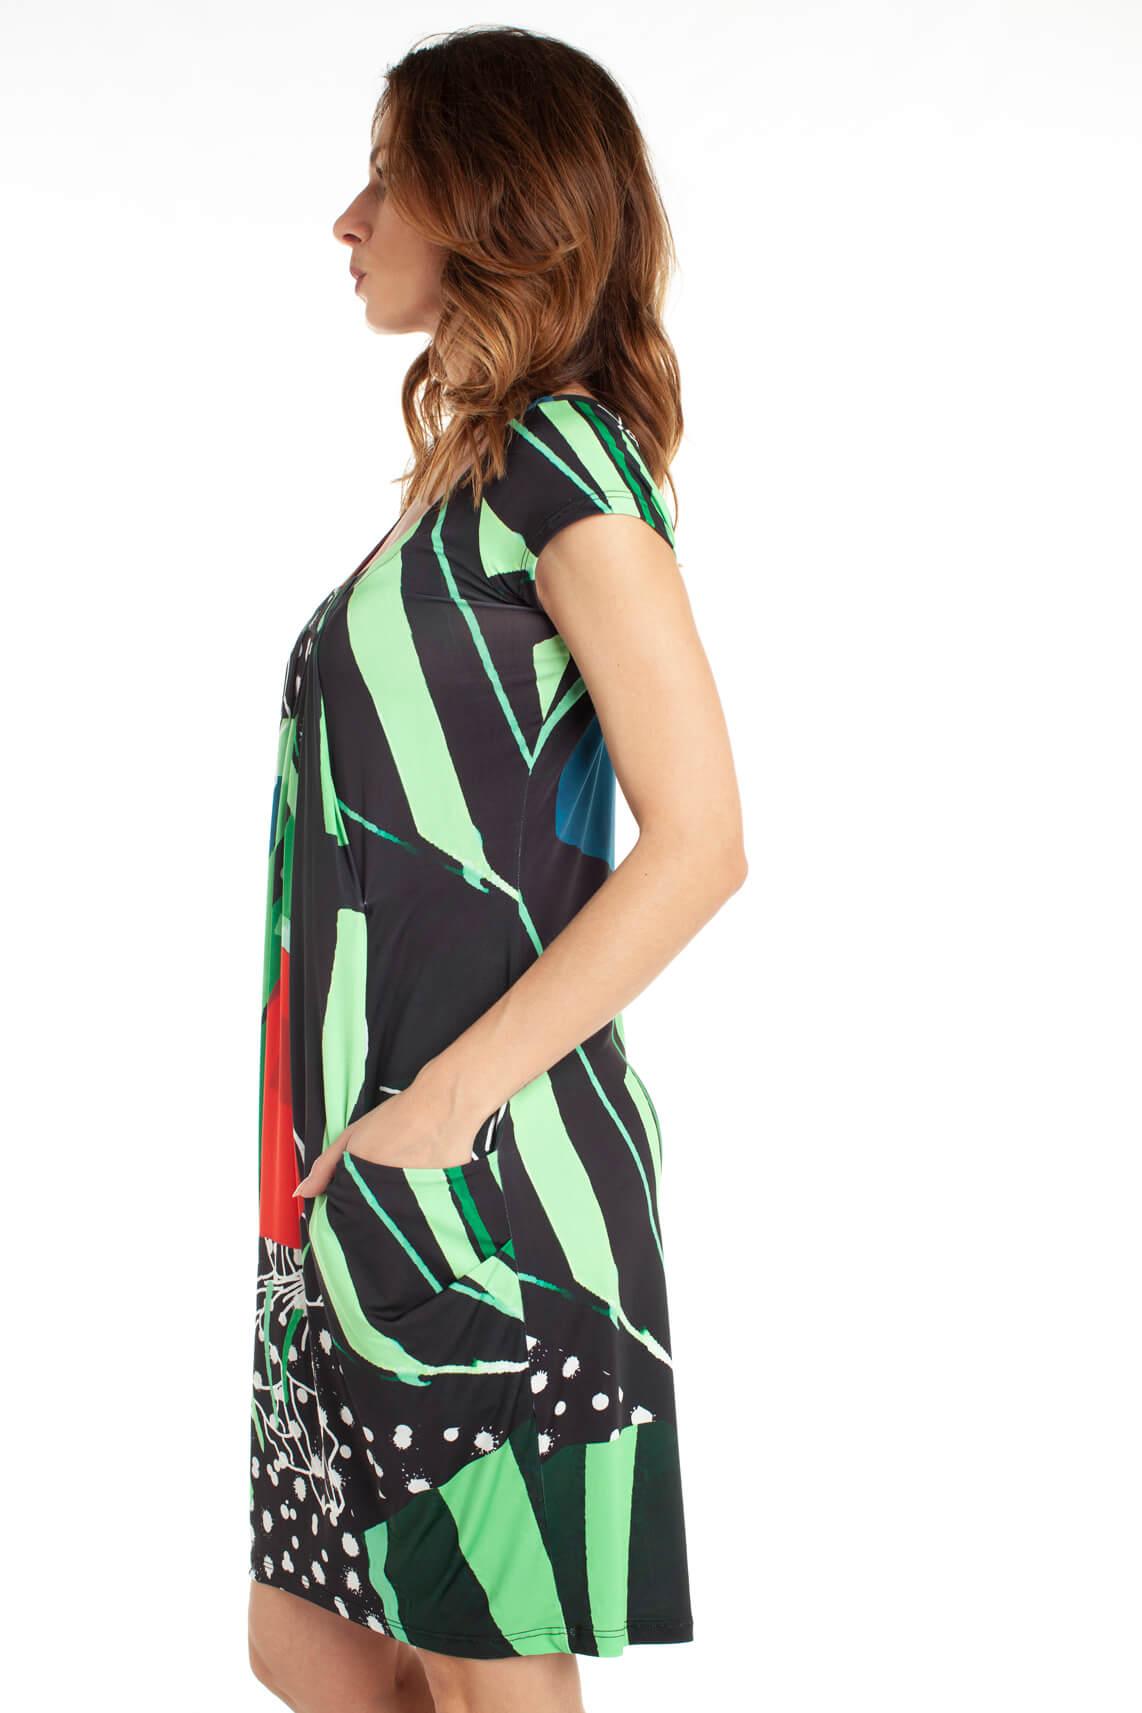 Eroke Dames Geplooide jurk met print zwart